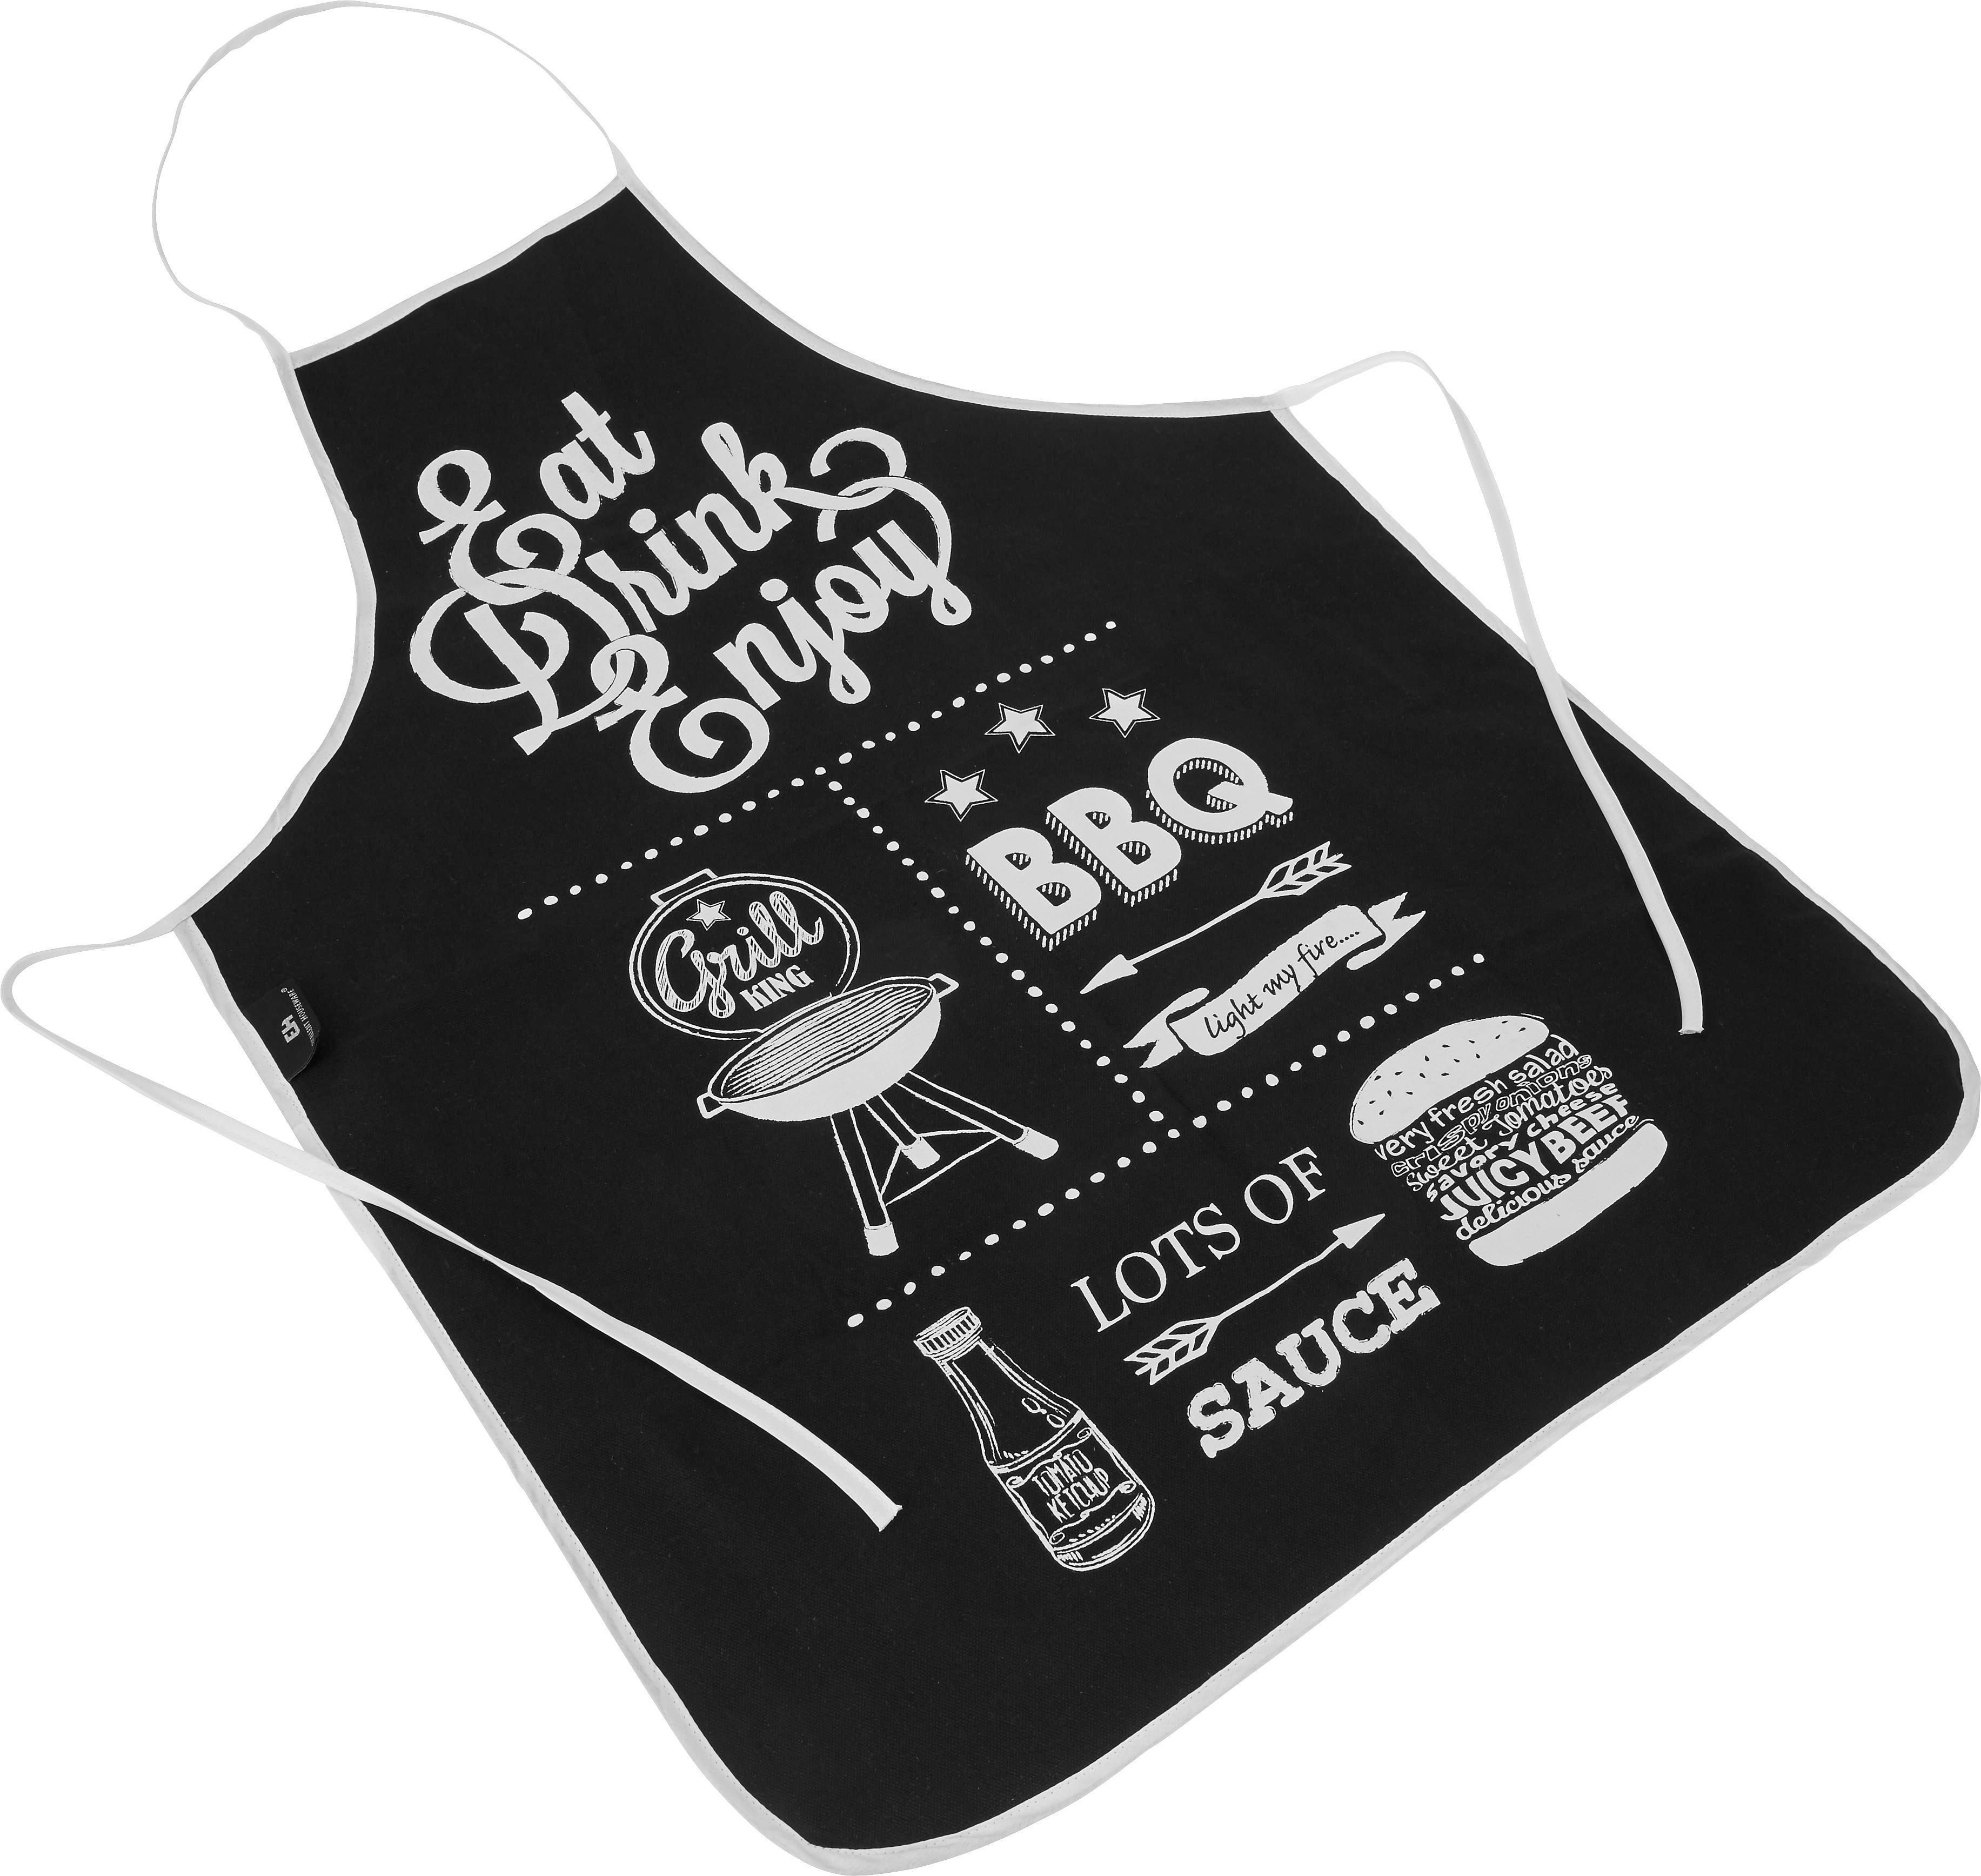 Schürze BBQ in Weiß/Schwarz - Schwarz/Weiß, Textil (60/84cm)